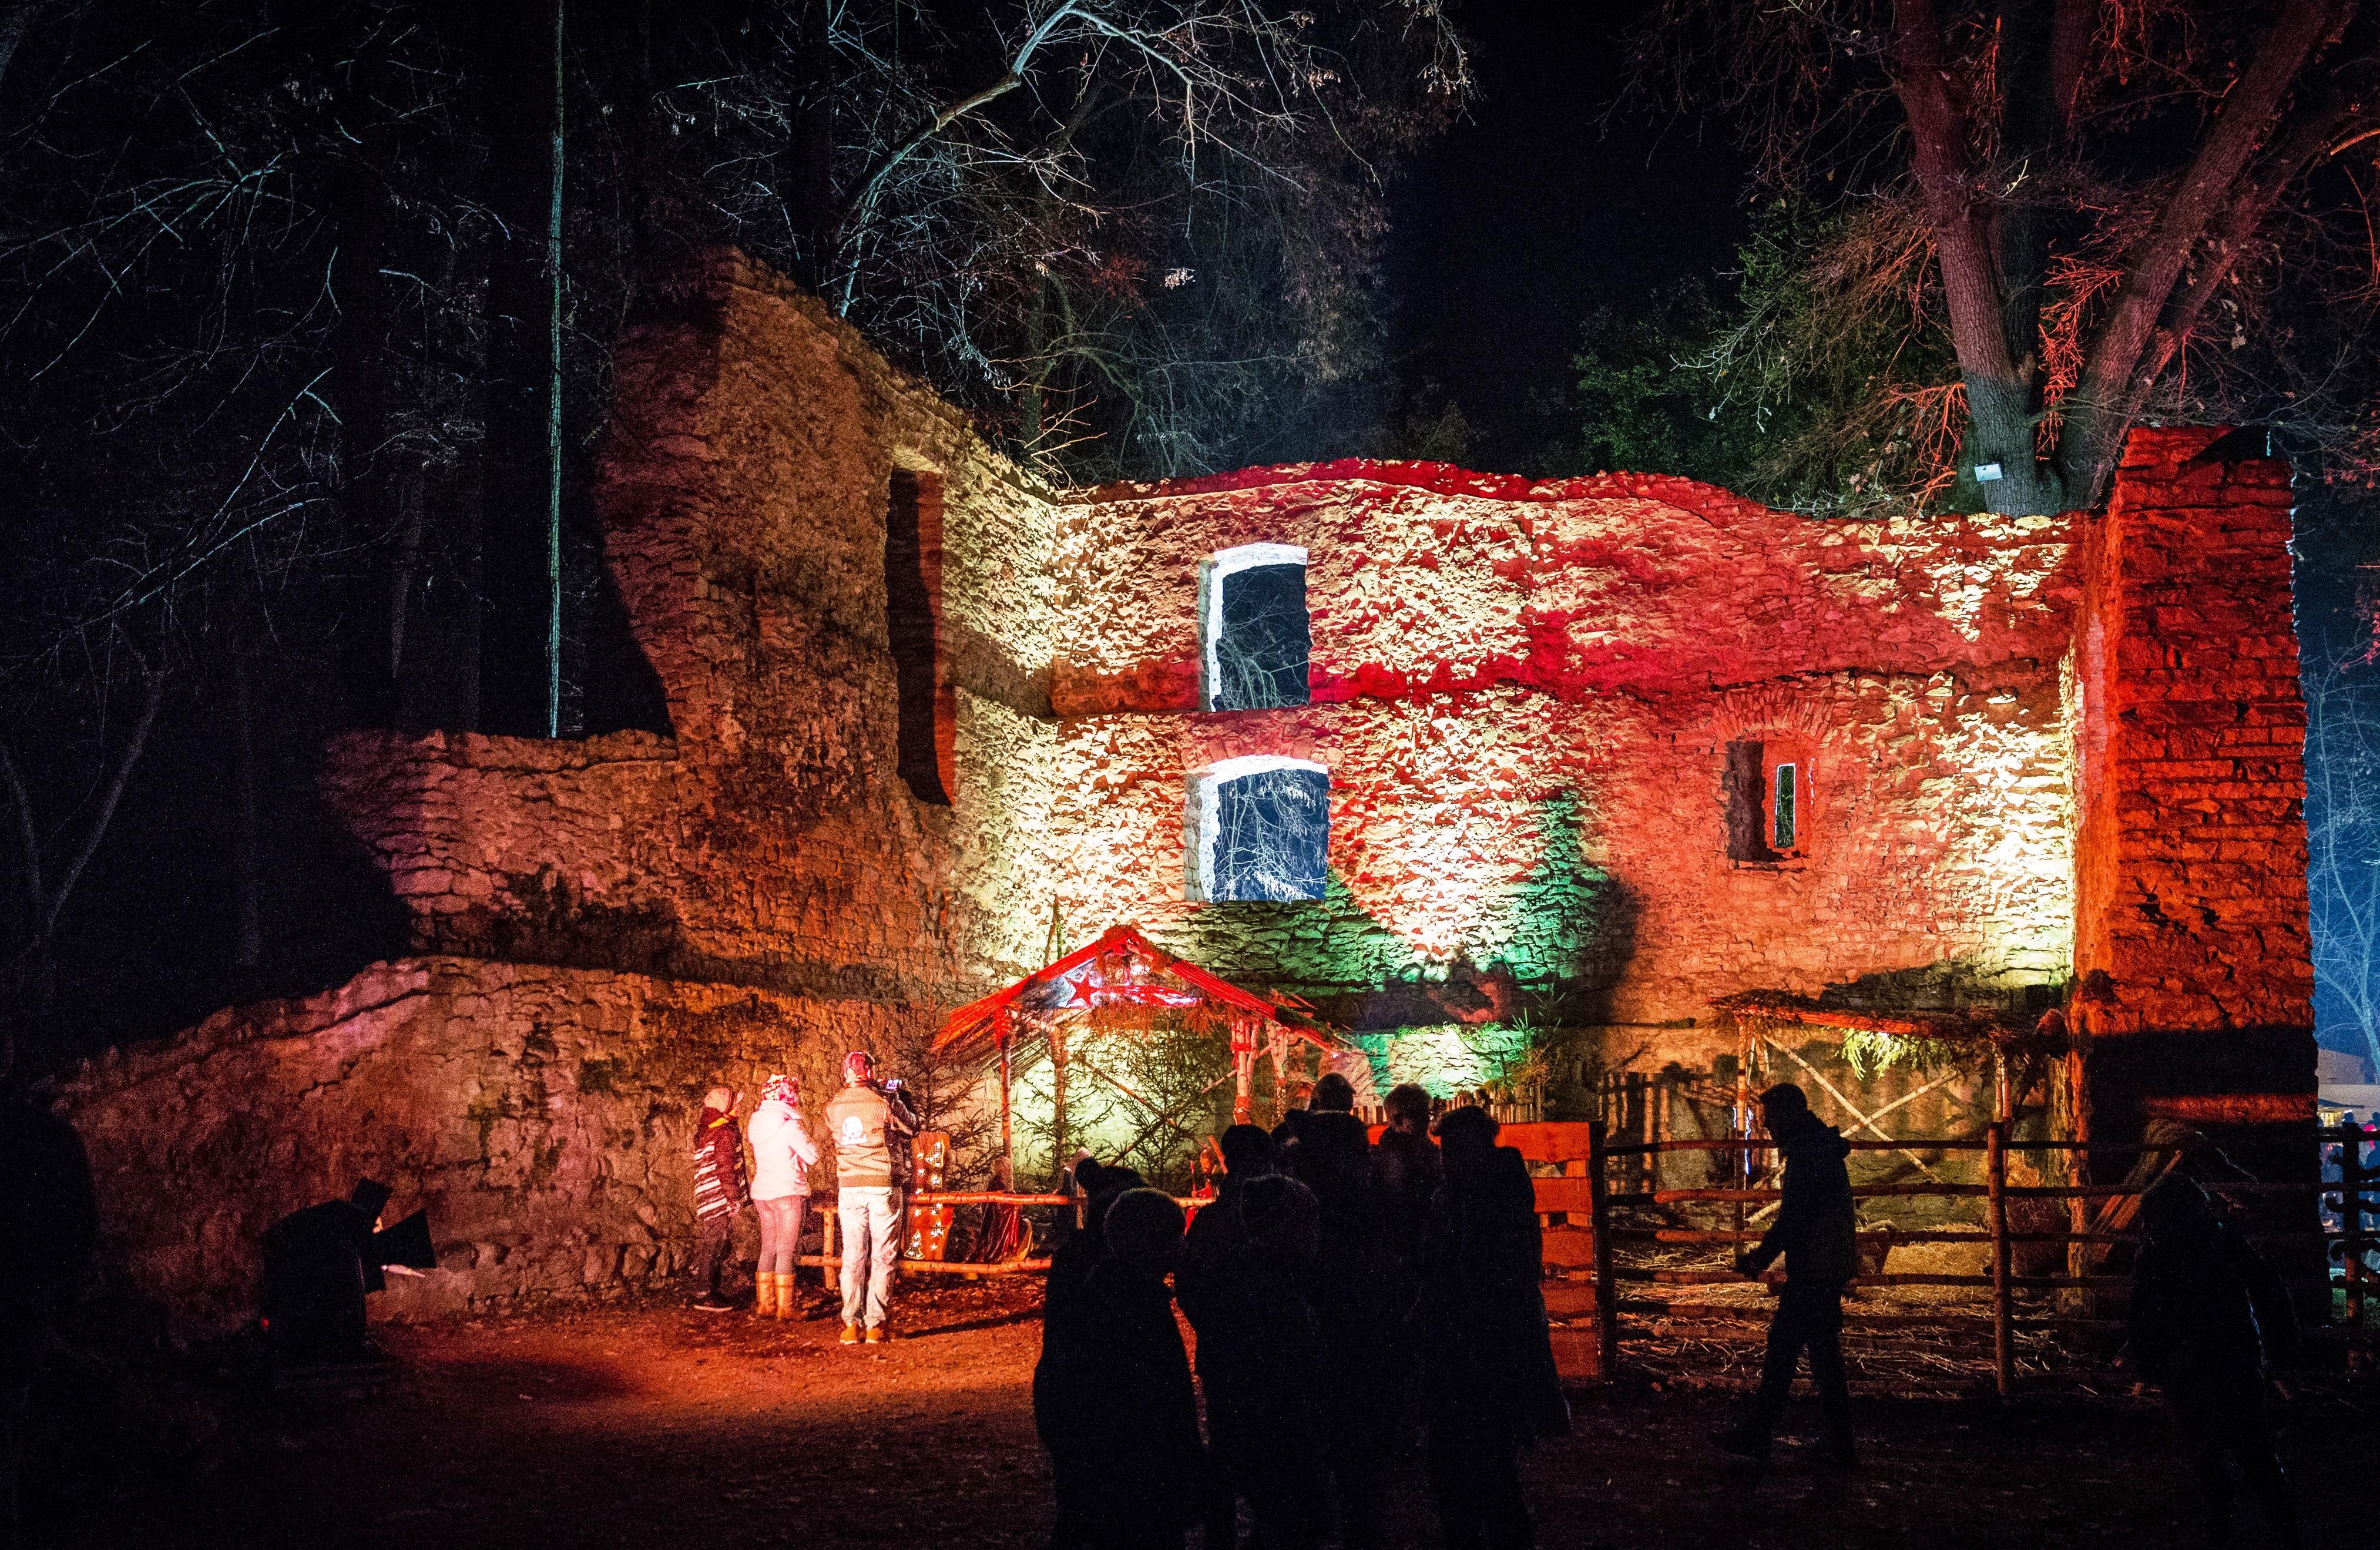 Weihnachtsromantik: Den Stadtpark im traumhaften Ambiente erleben